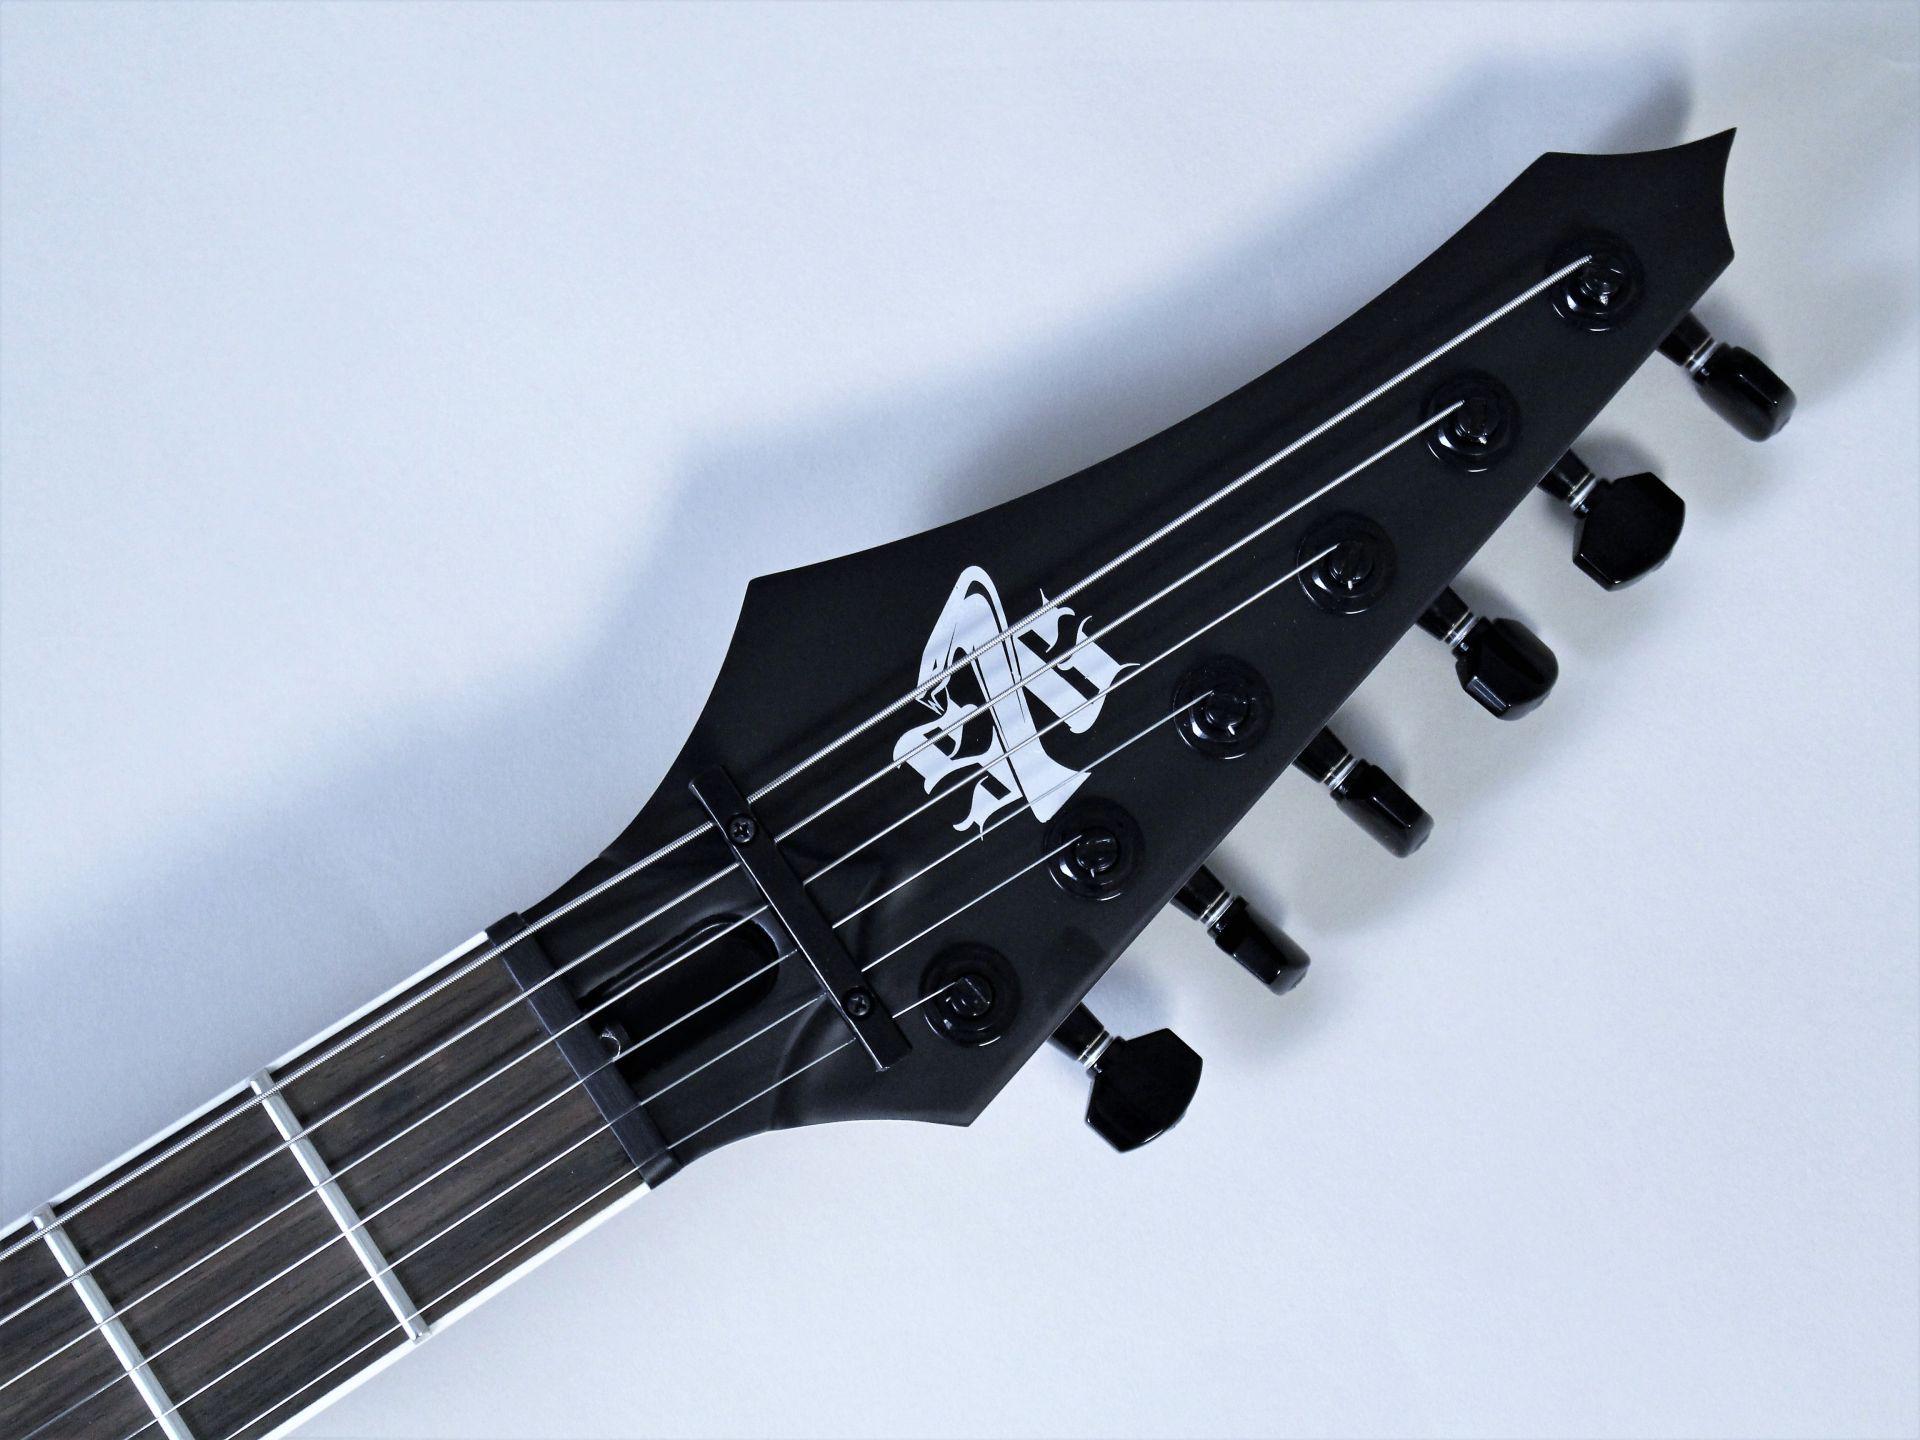 Strictly 7 Guitars – Cobra JS6 FM BBG【6本限定モデル】【4月28日発売・予約受付中】のヘッド画像